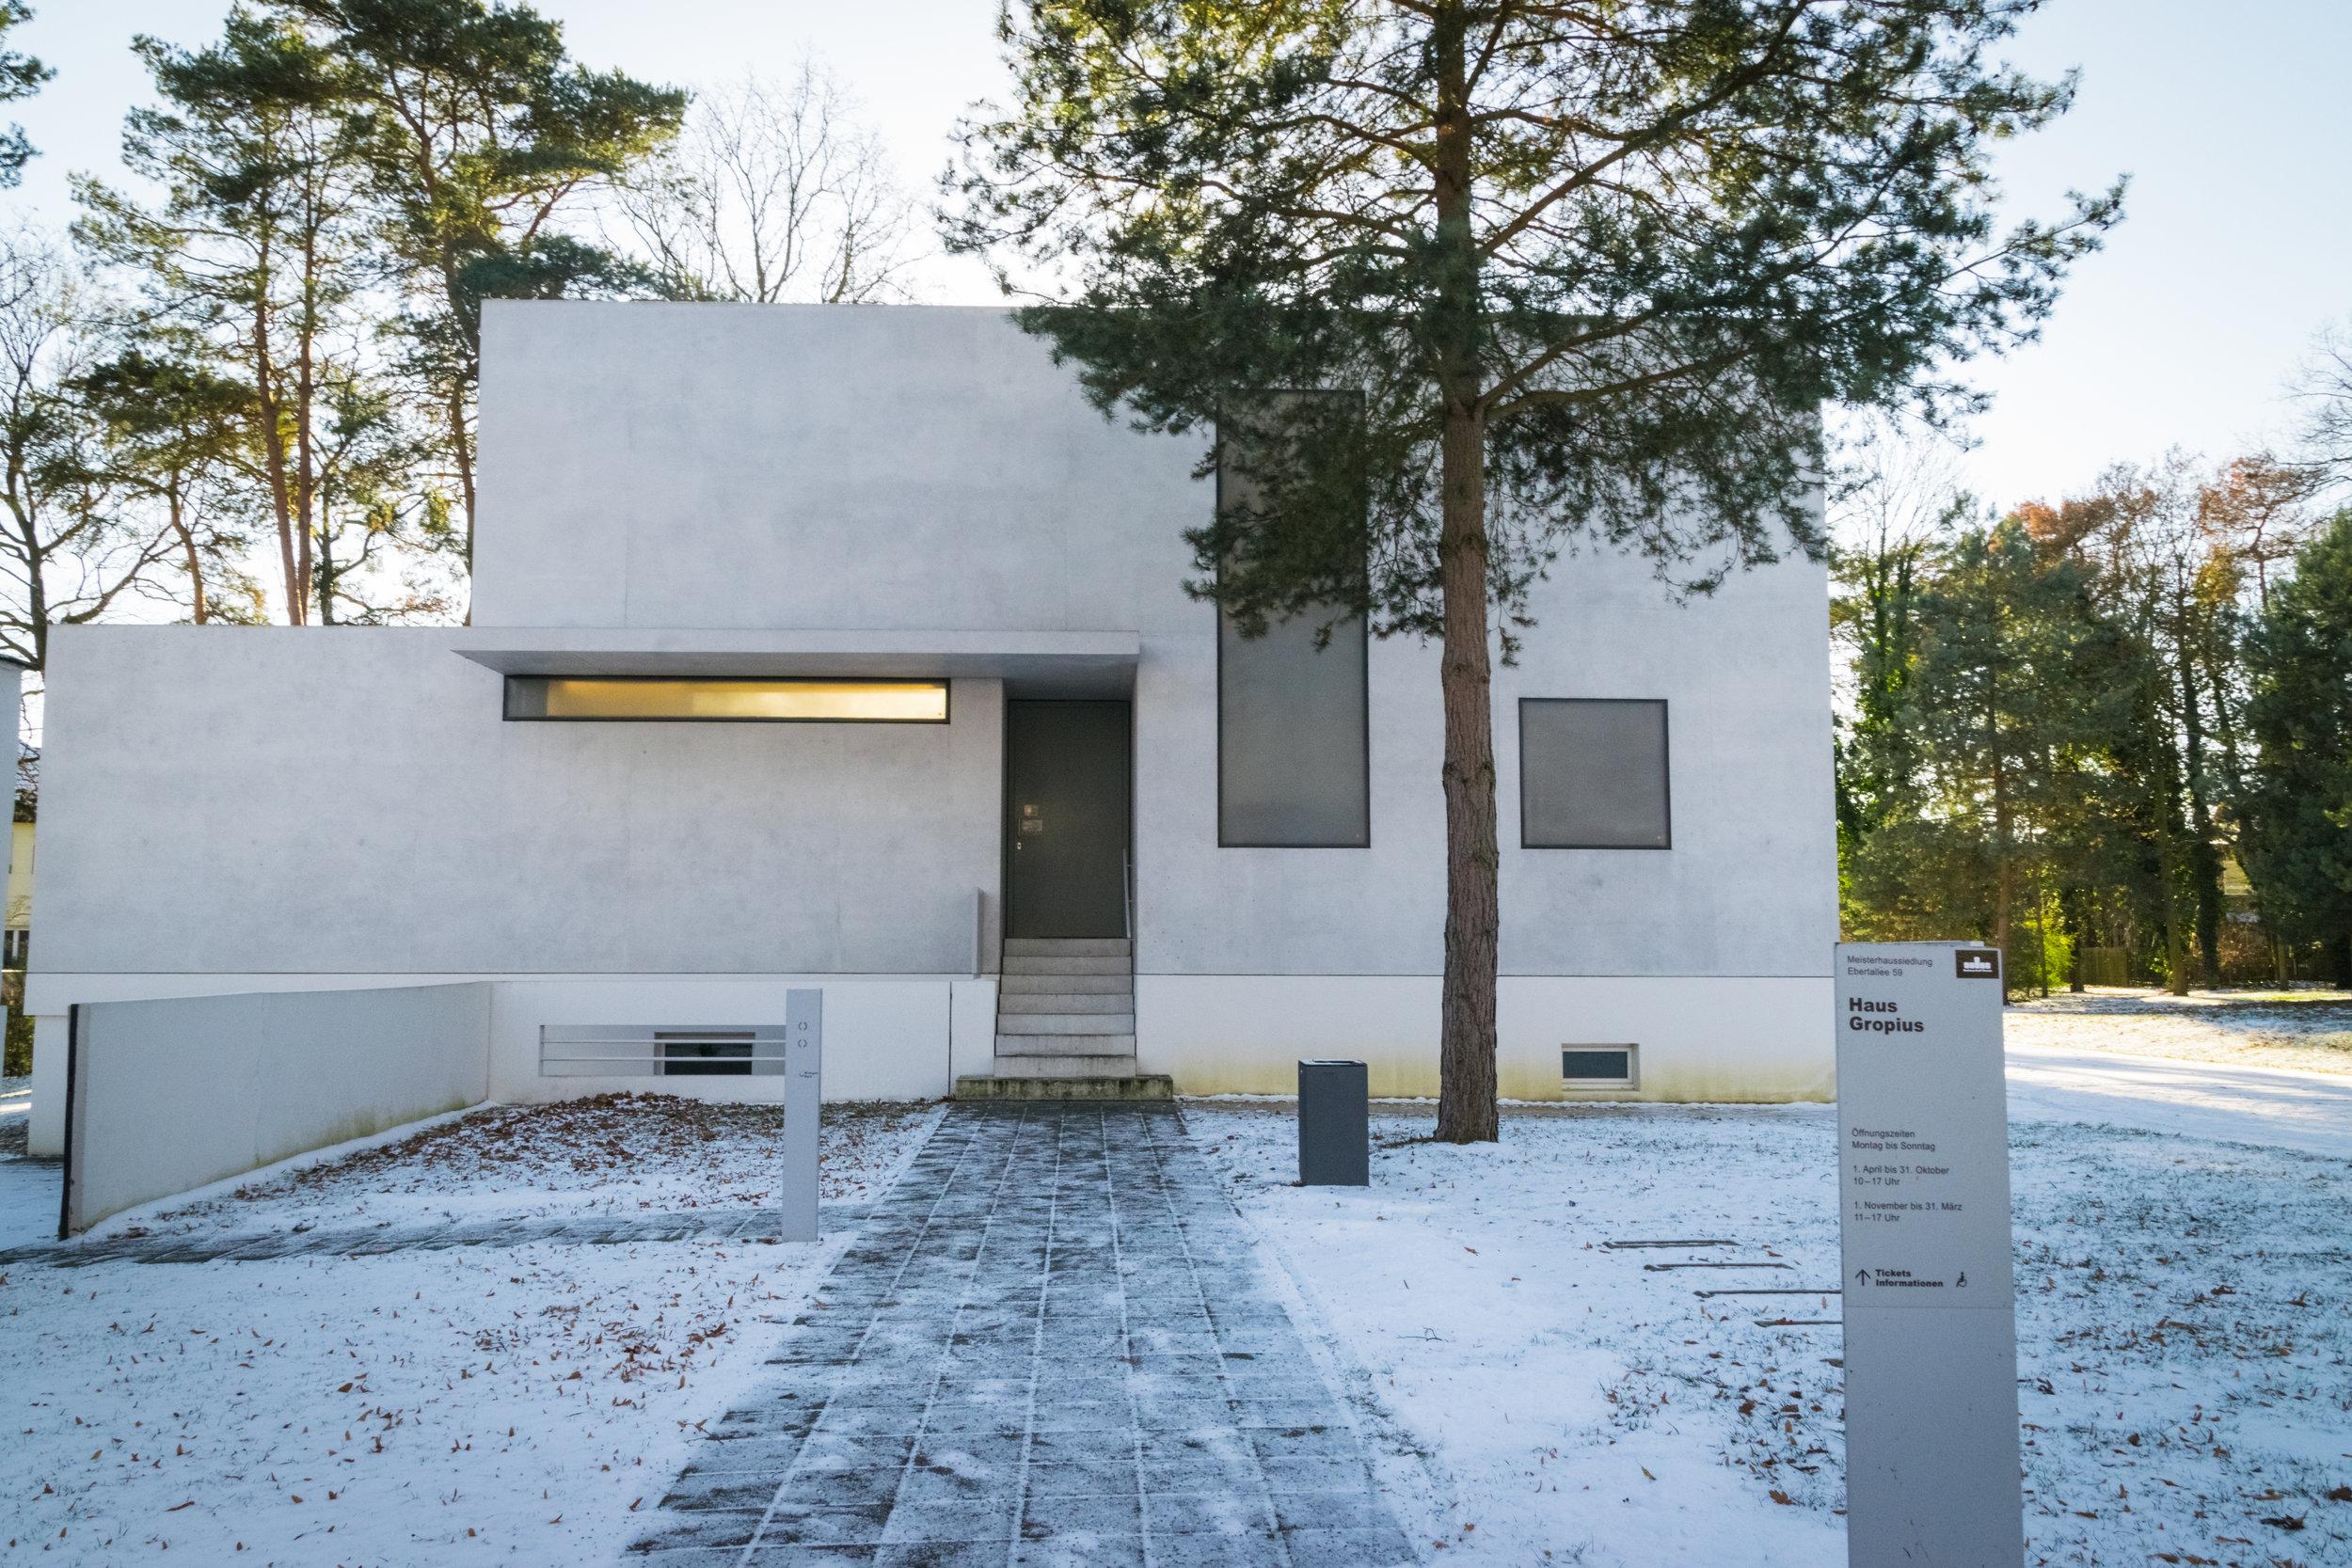 houses-5.jpg